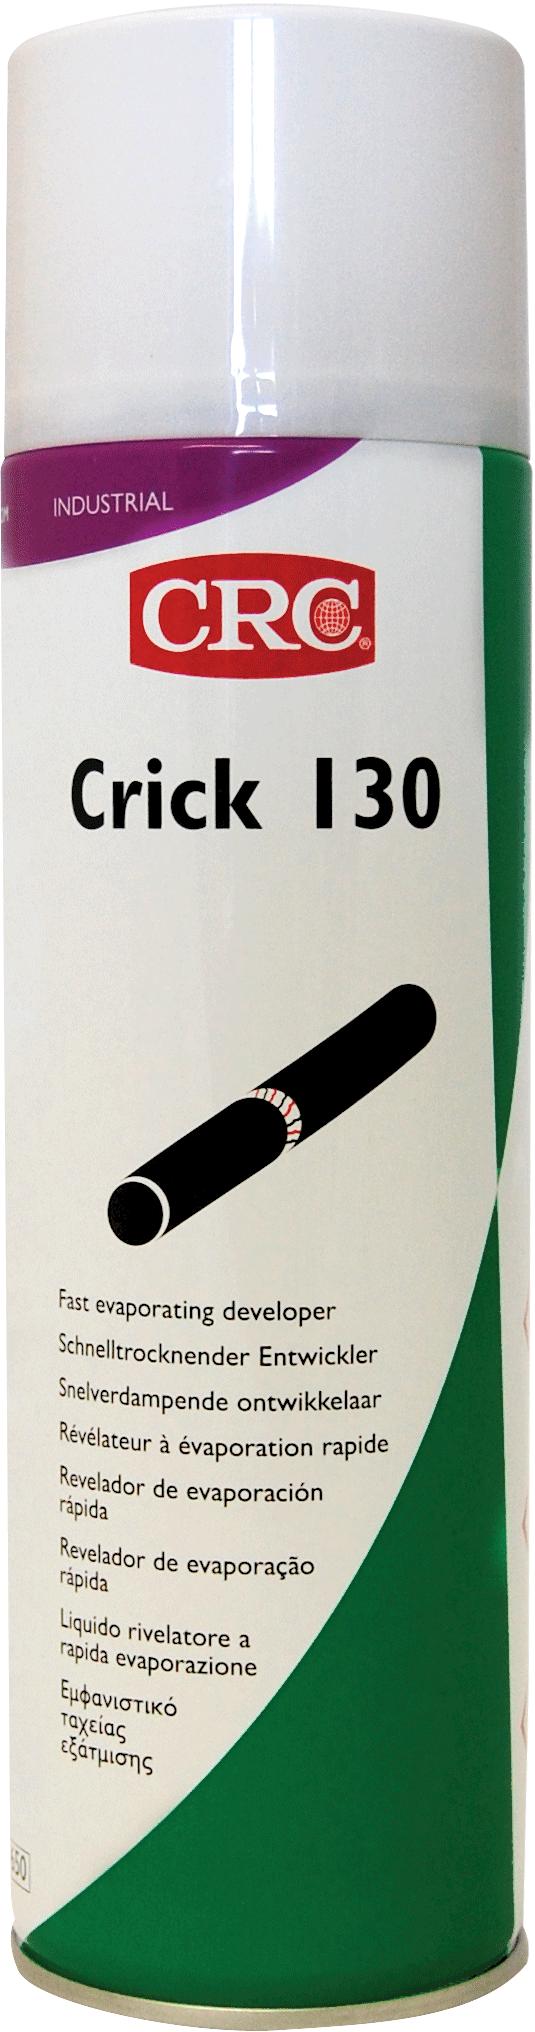 Afbeelding van crc industry crick 130 500 ml, spuitbus